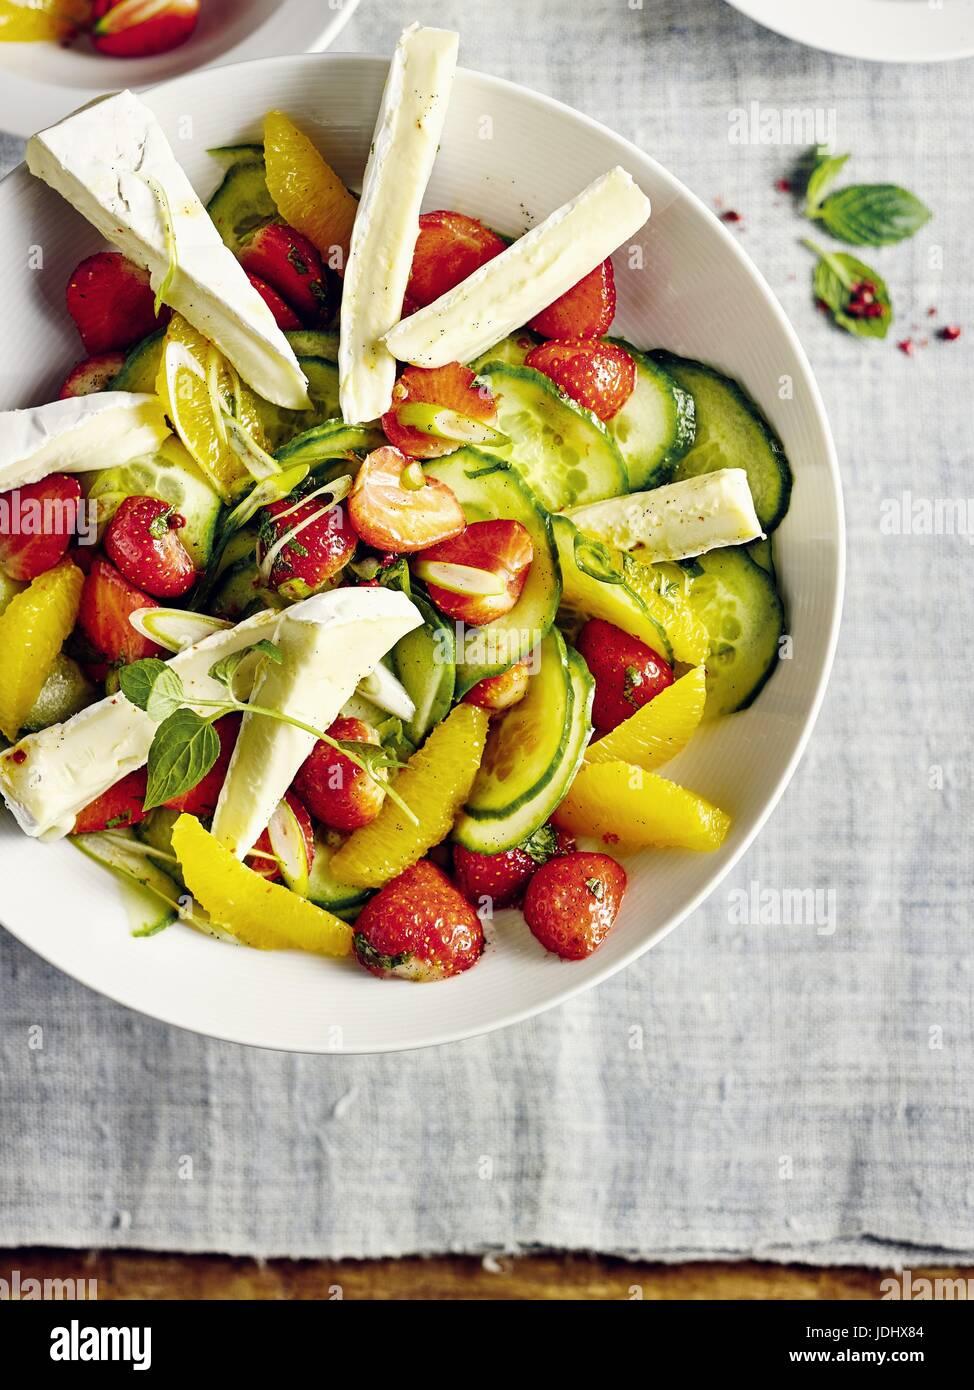 Ensalada de pepino con camembert y fresas. Foto de stock